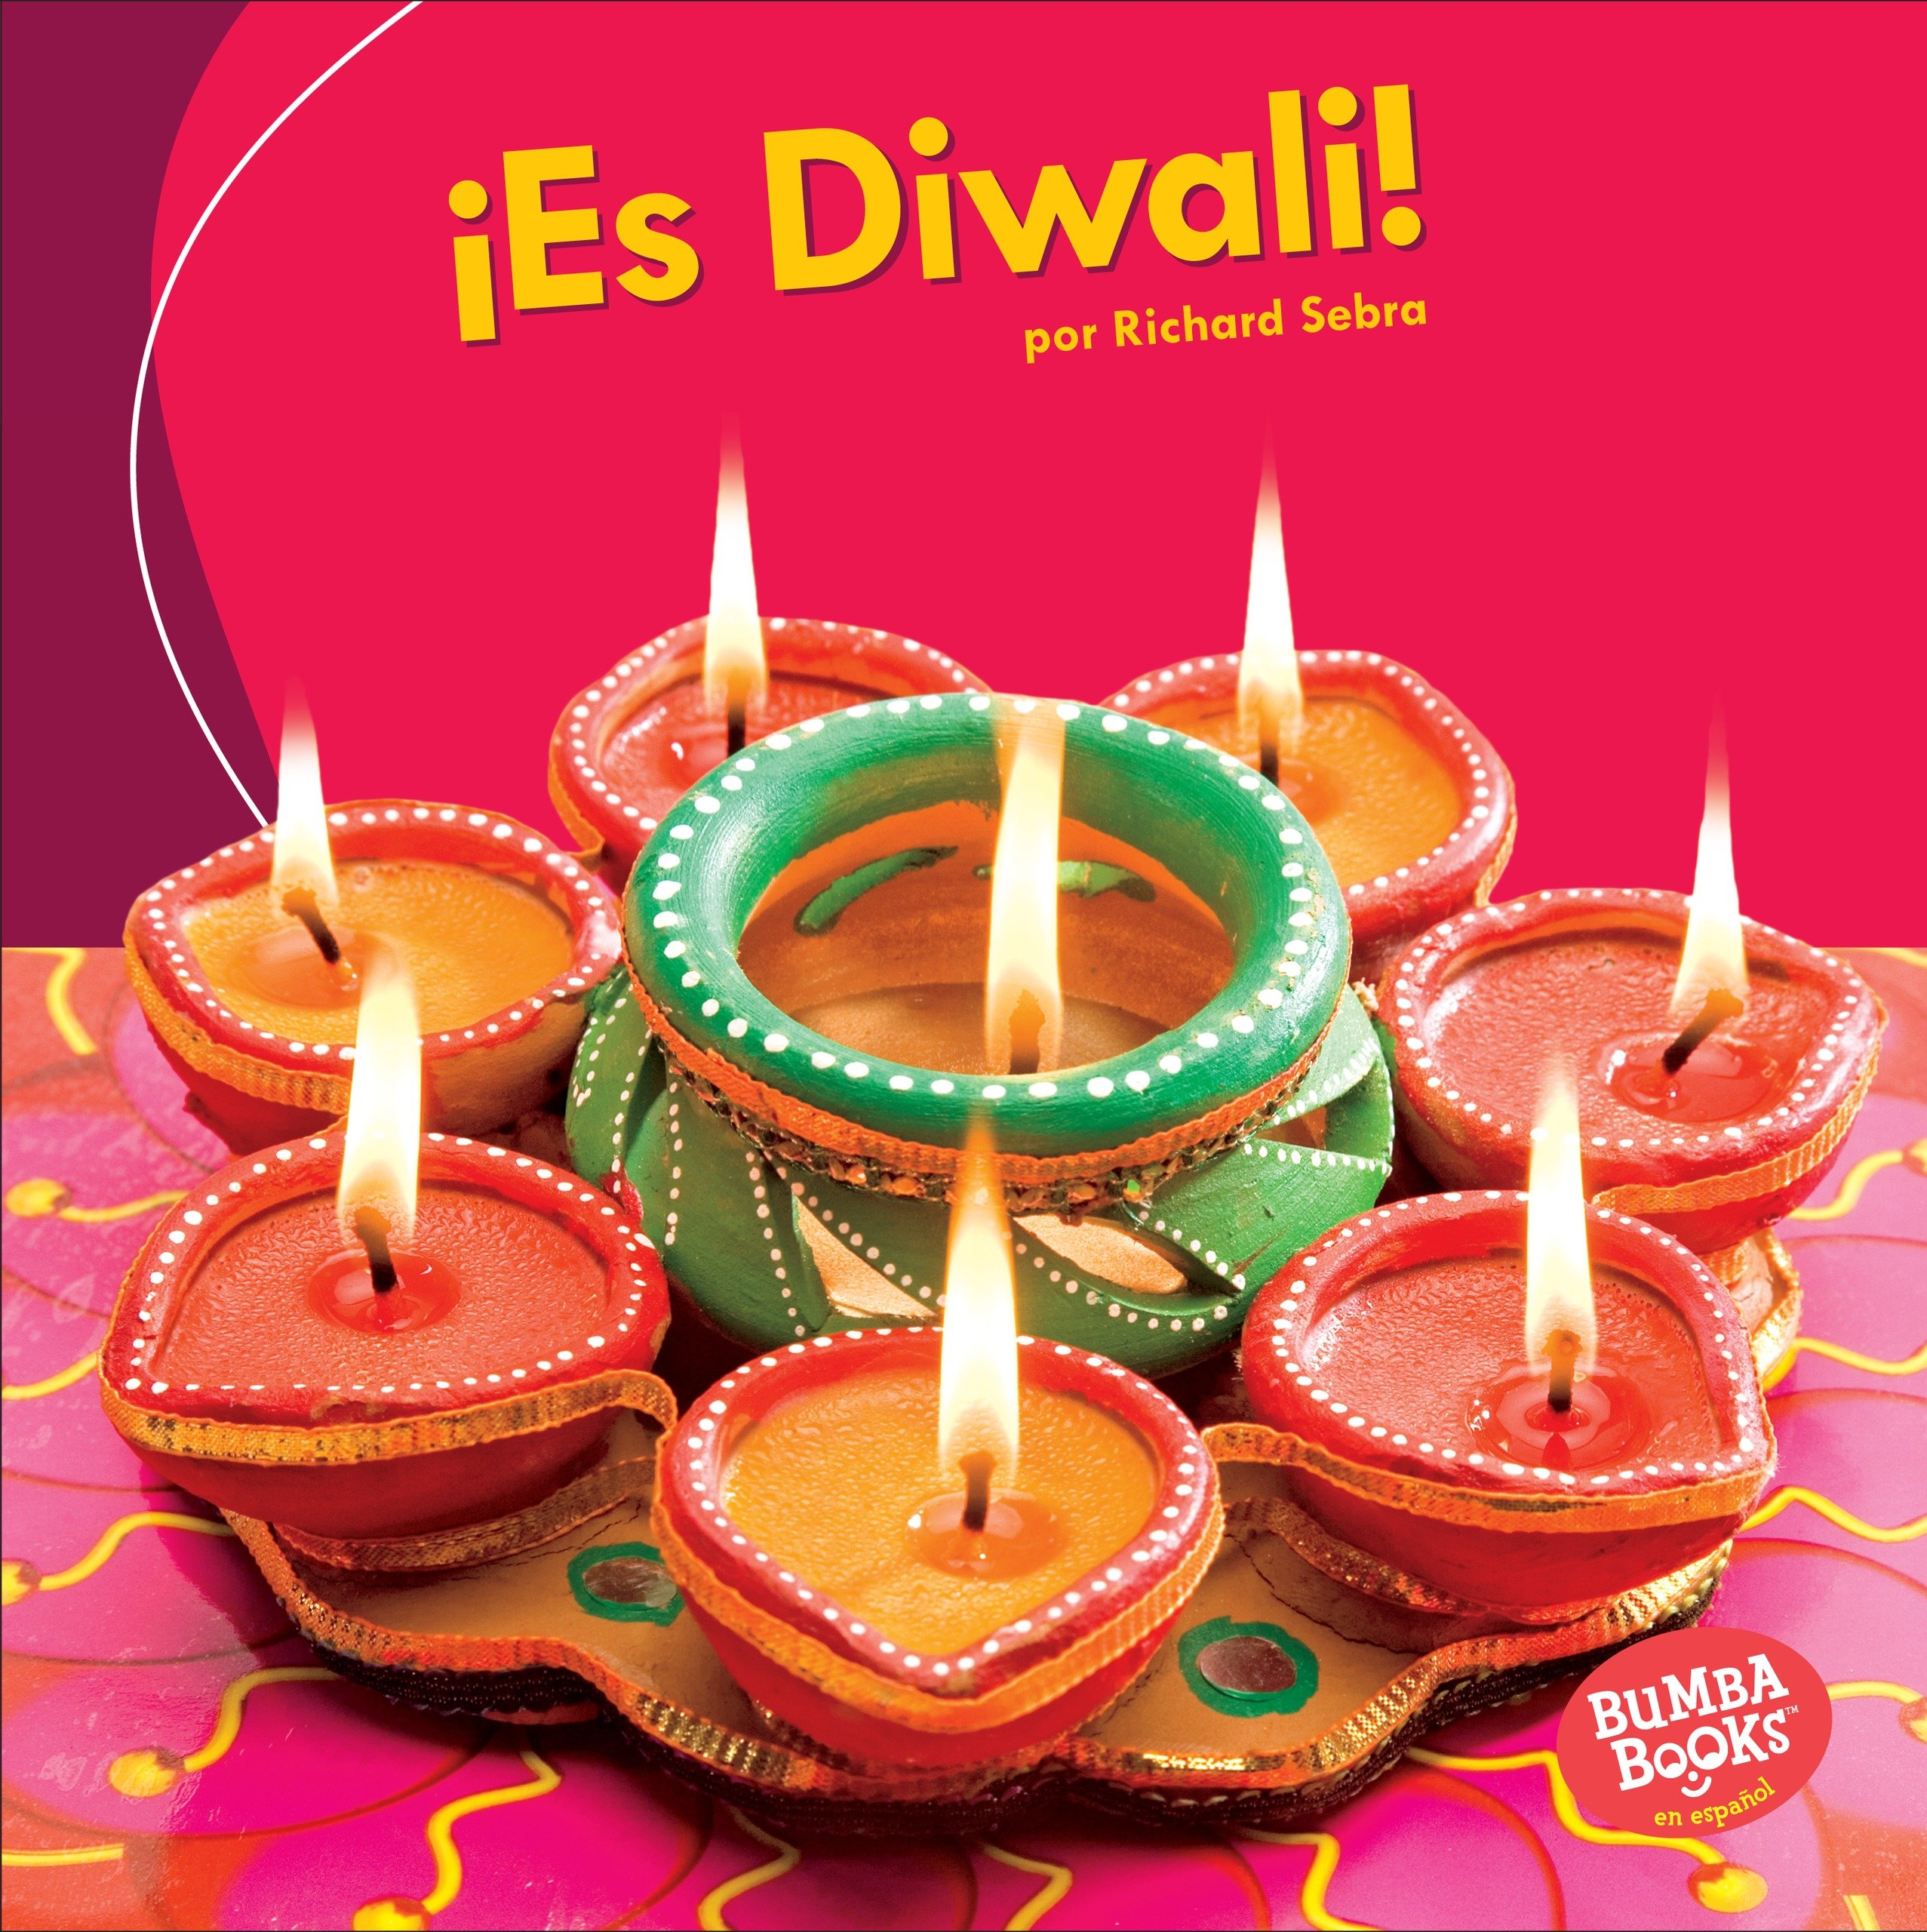 ¡Es Diwali! / It's Diwali! (Bumba Books en español - ¡Es una fiesta!/ It's a Holiday!) (Spanish Edition) by Ediciones Lerner (Image #1)